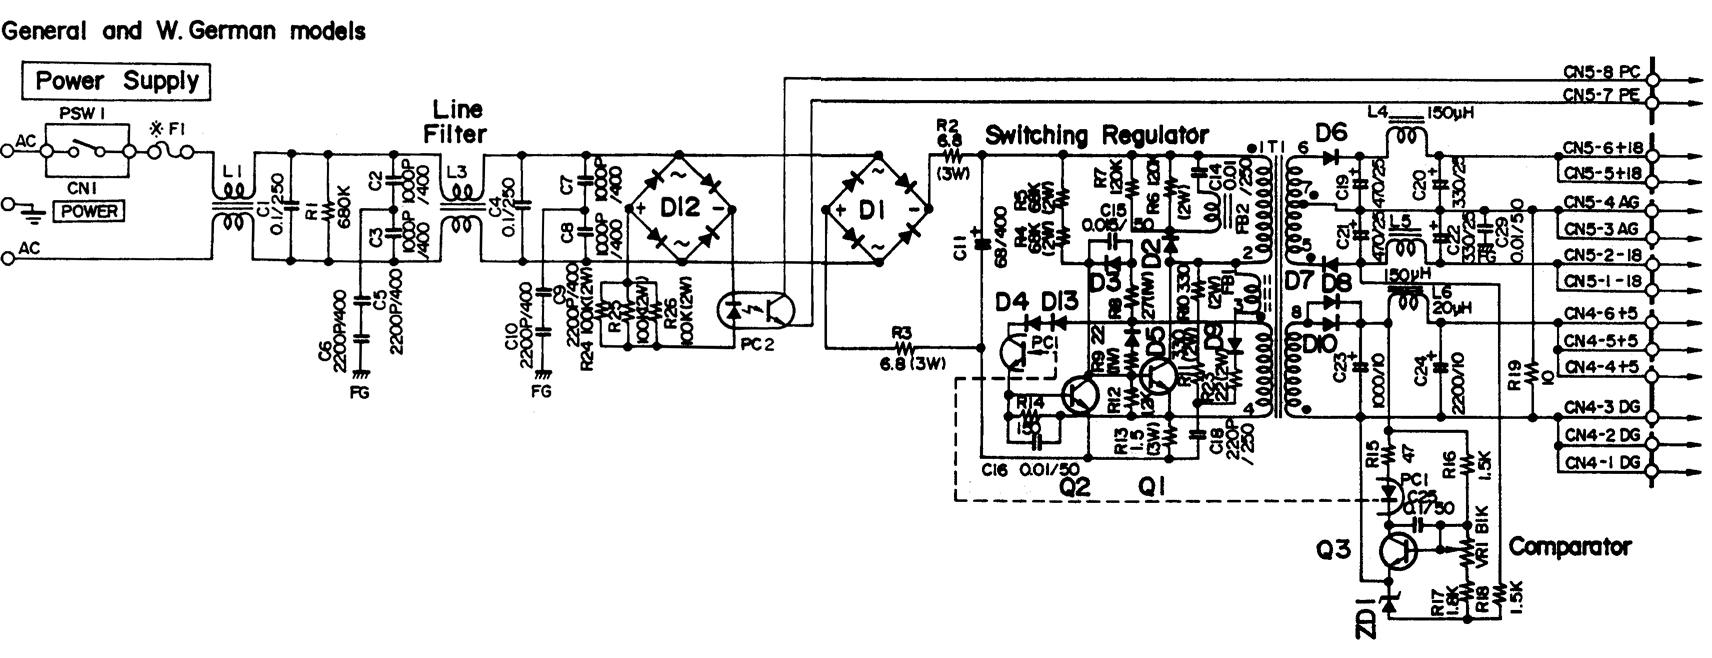 SPX90 PSU schematic